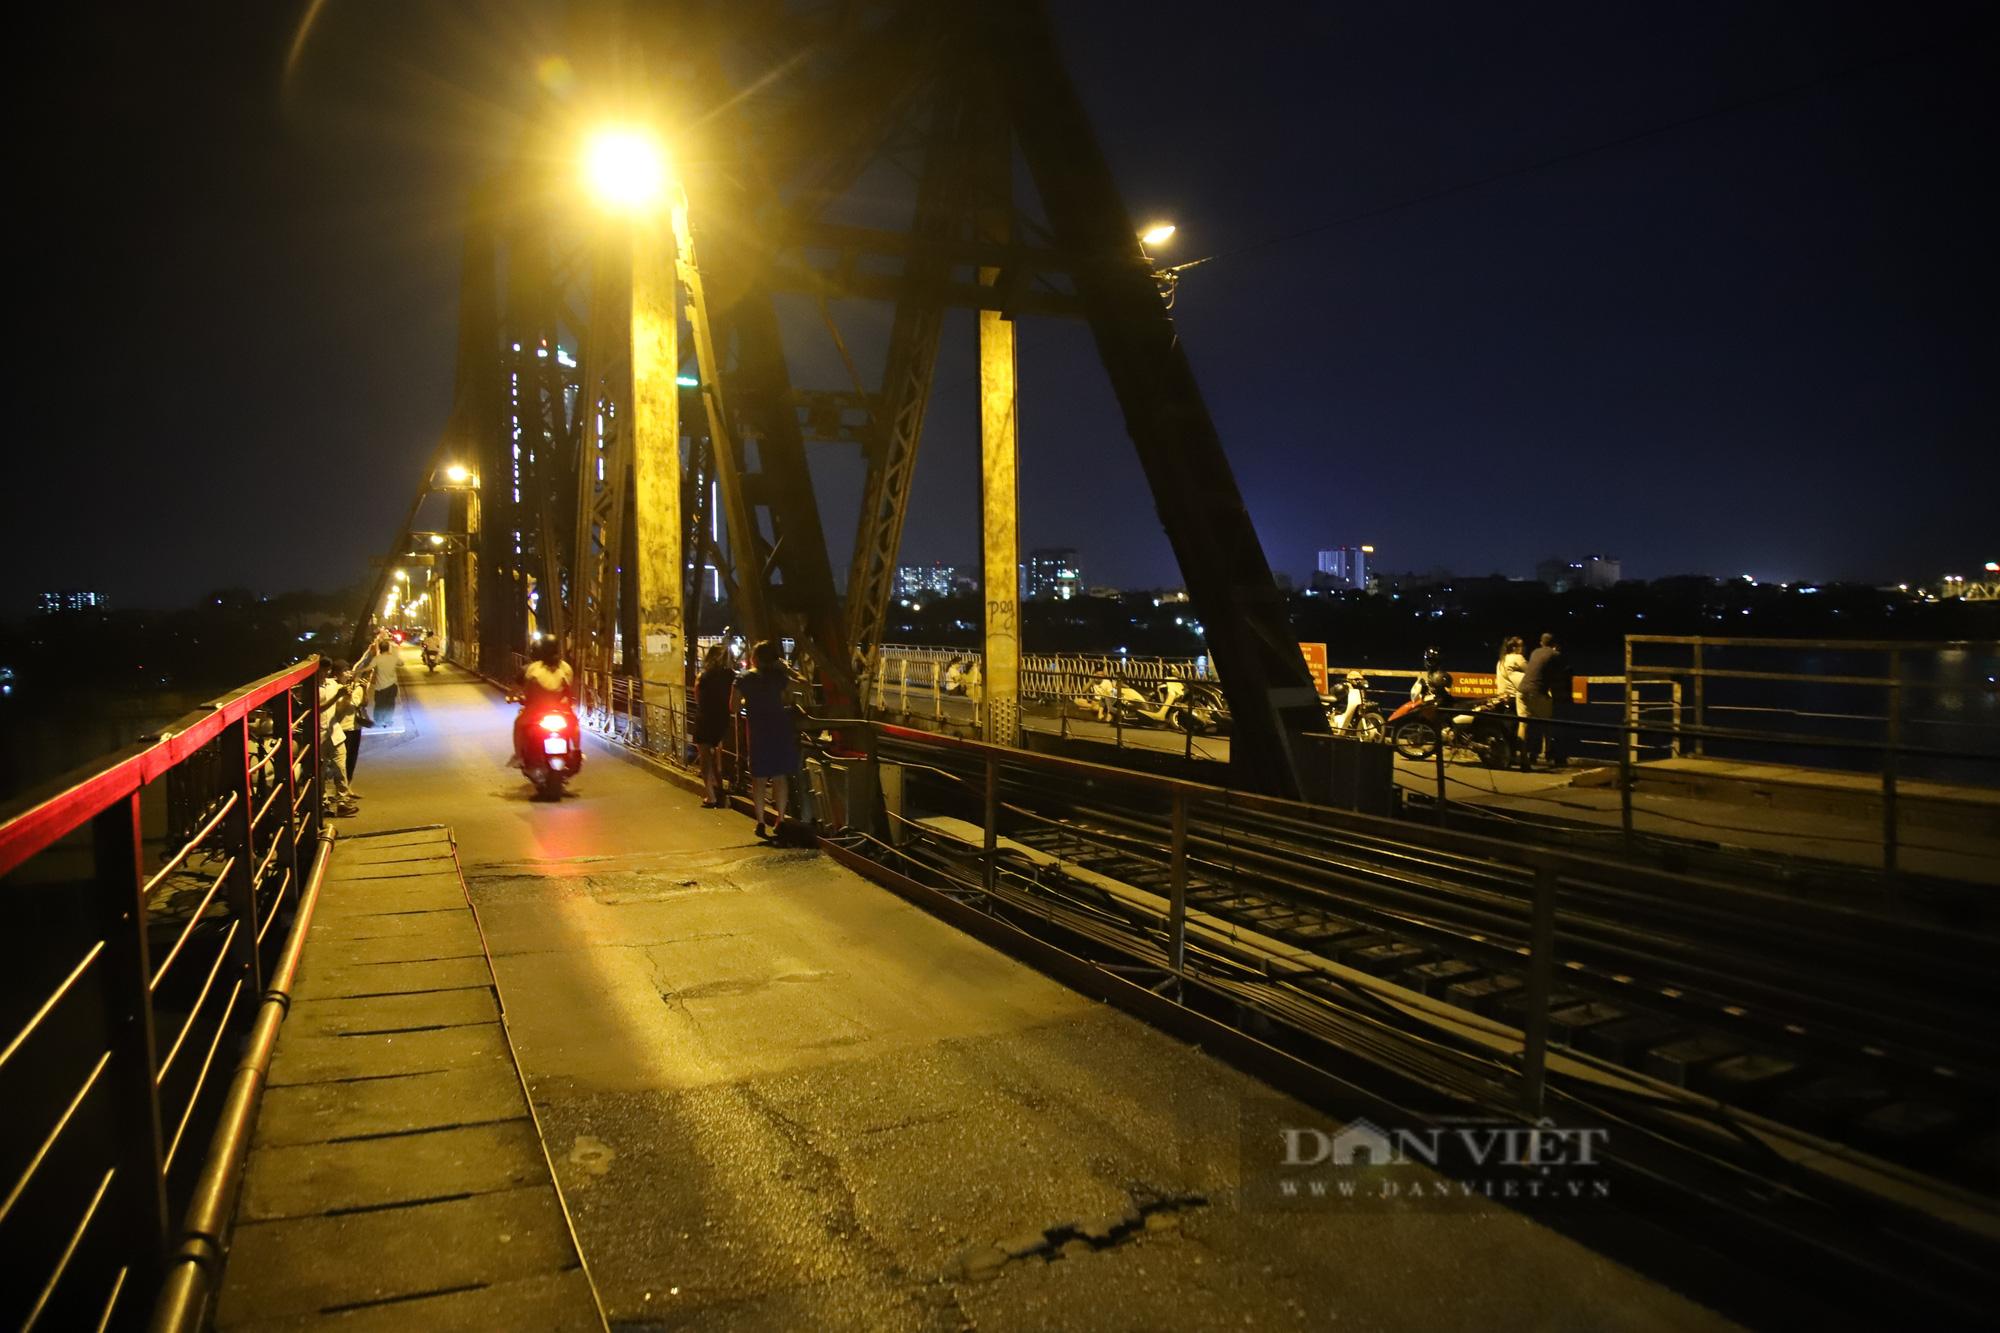 Cầu Long Biên đông đúc người hóng gió, bất chấp lệnh giãn cách xã hội - Ảnh 1.